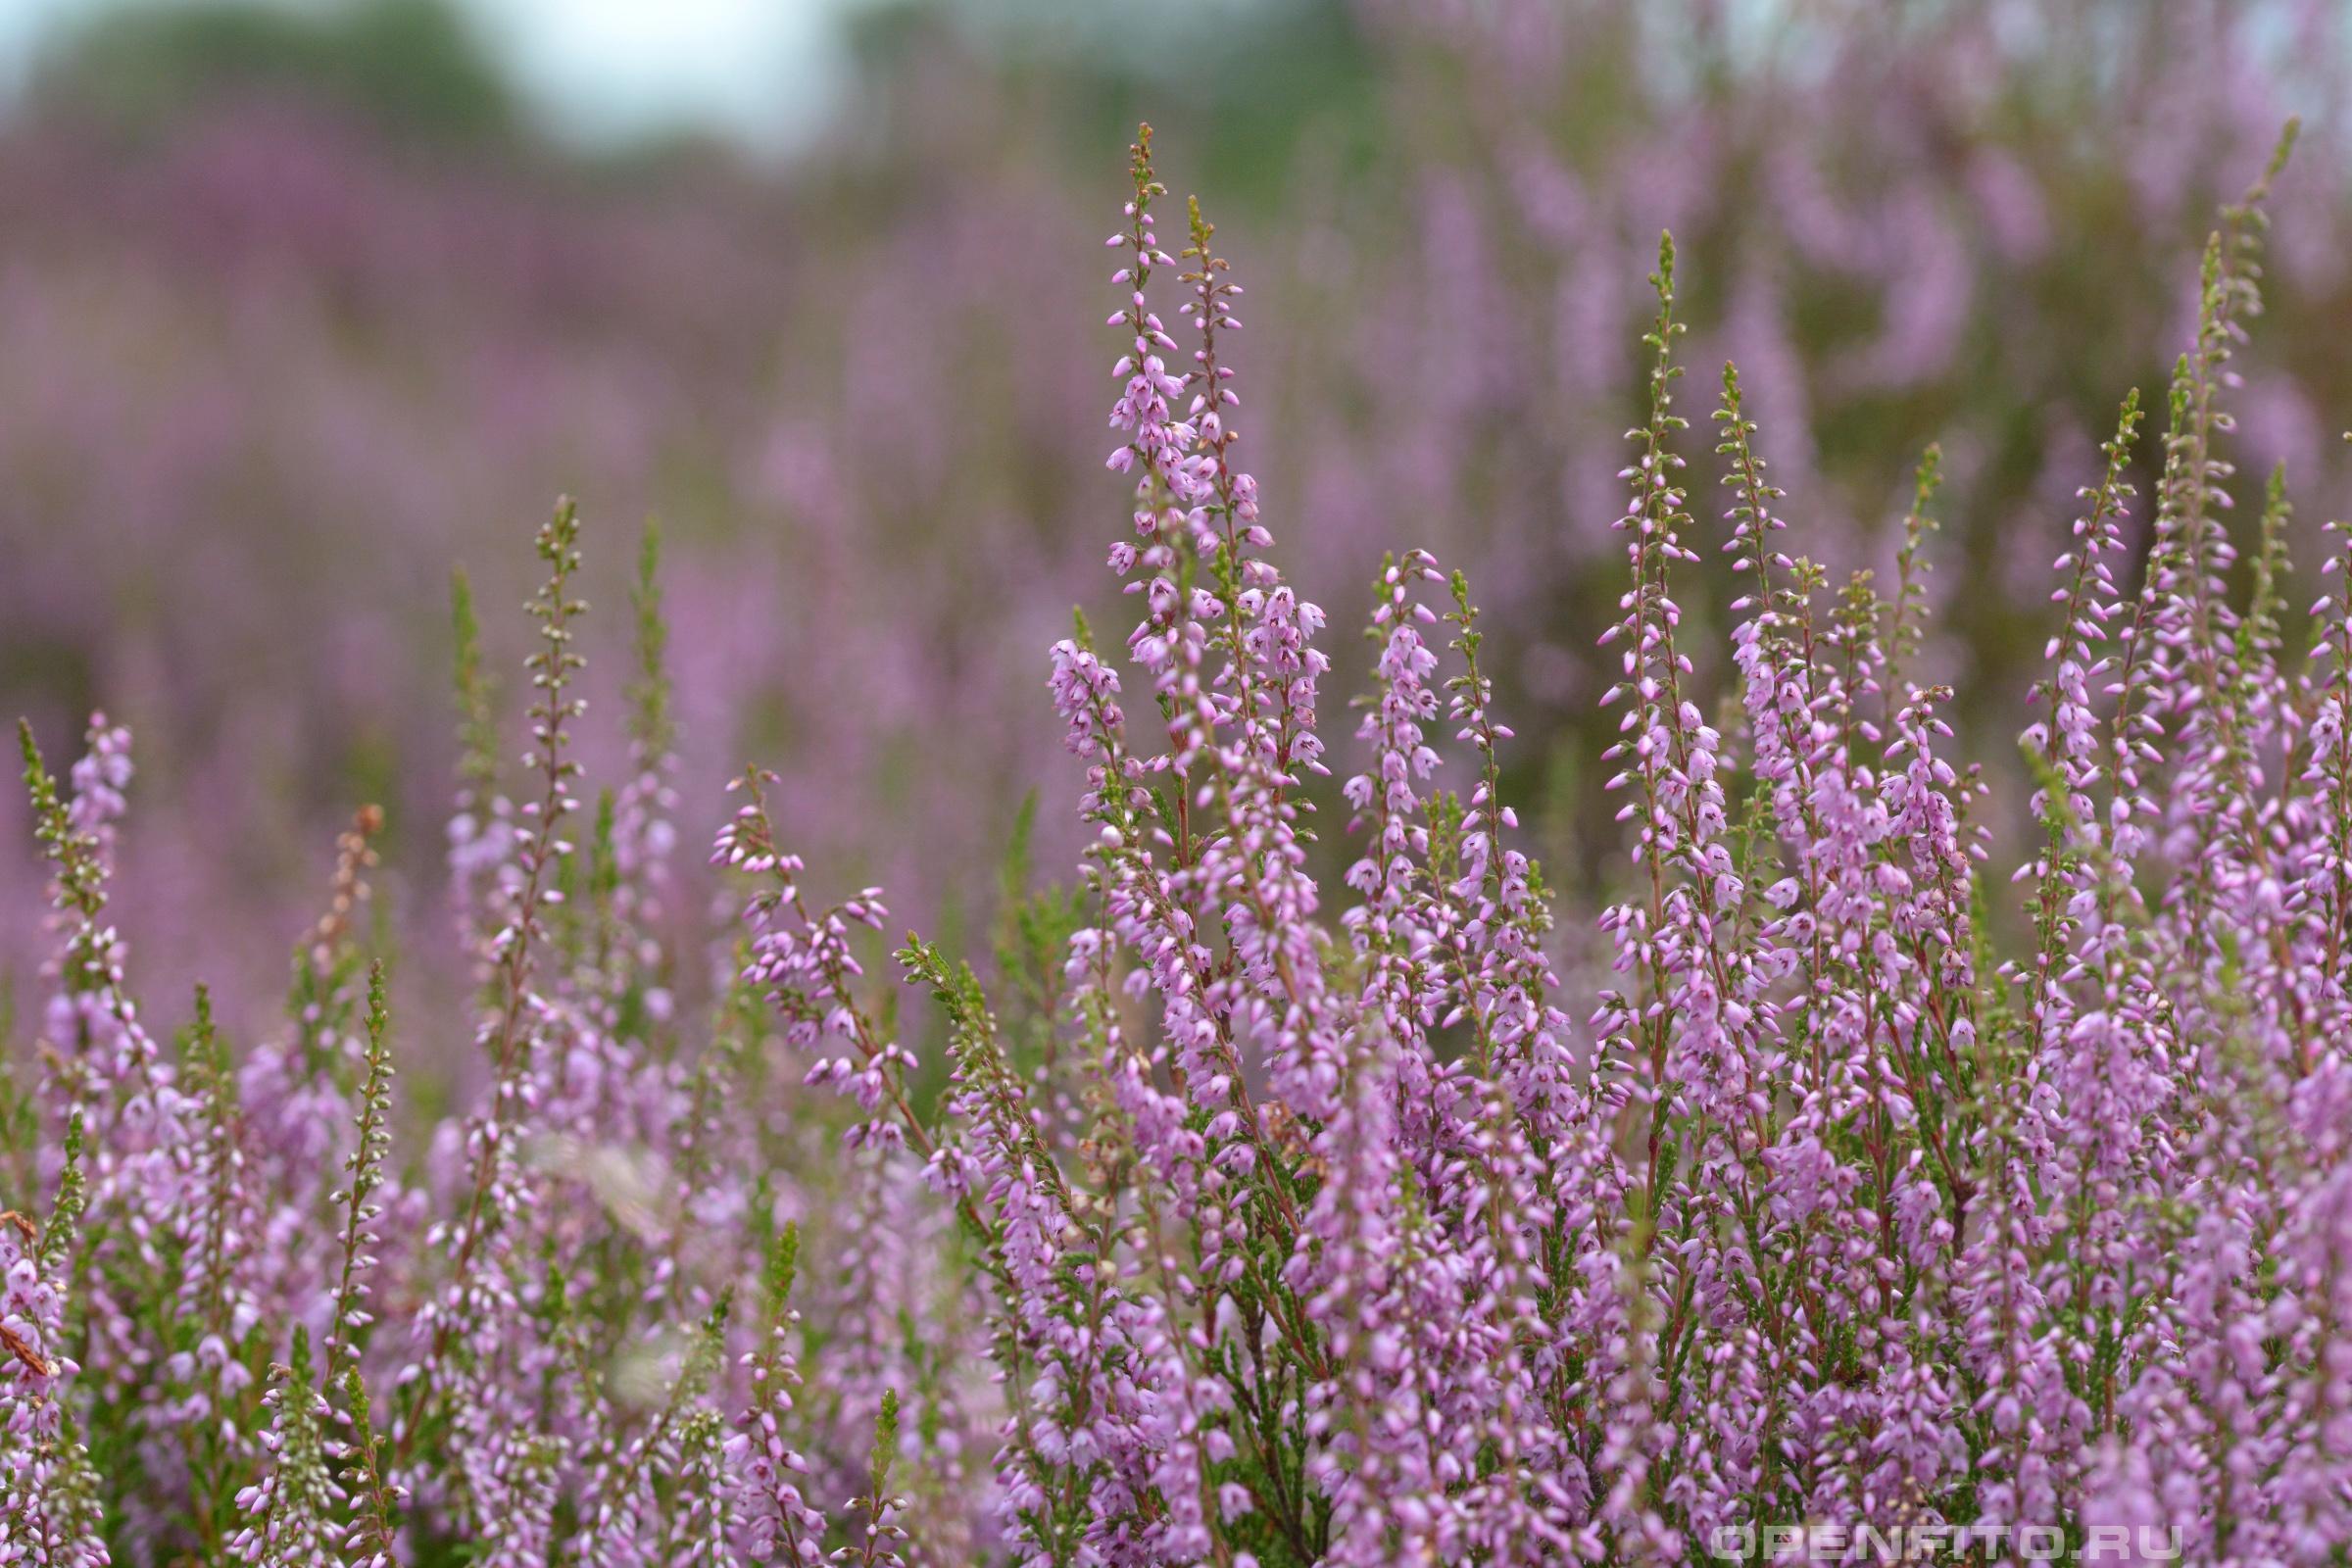 Вереск обыкновенный заросли чайного растения